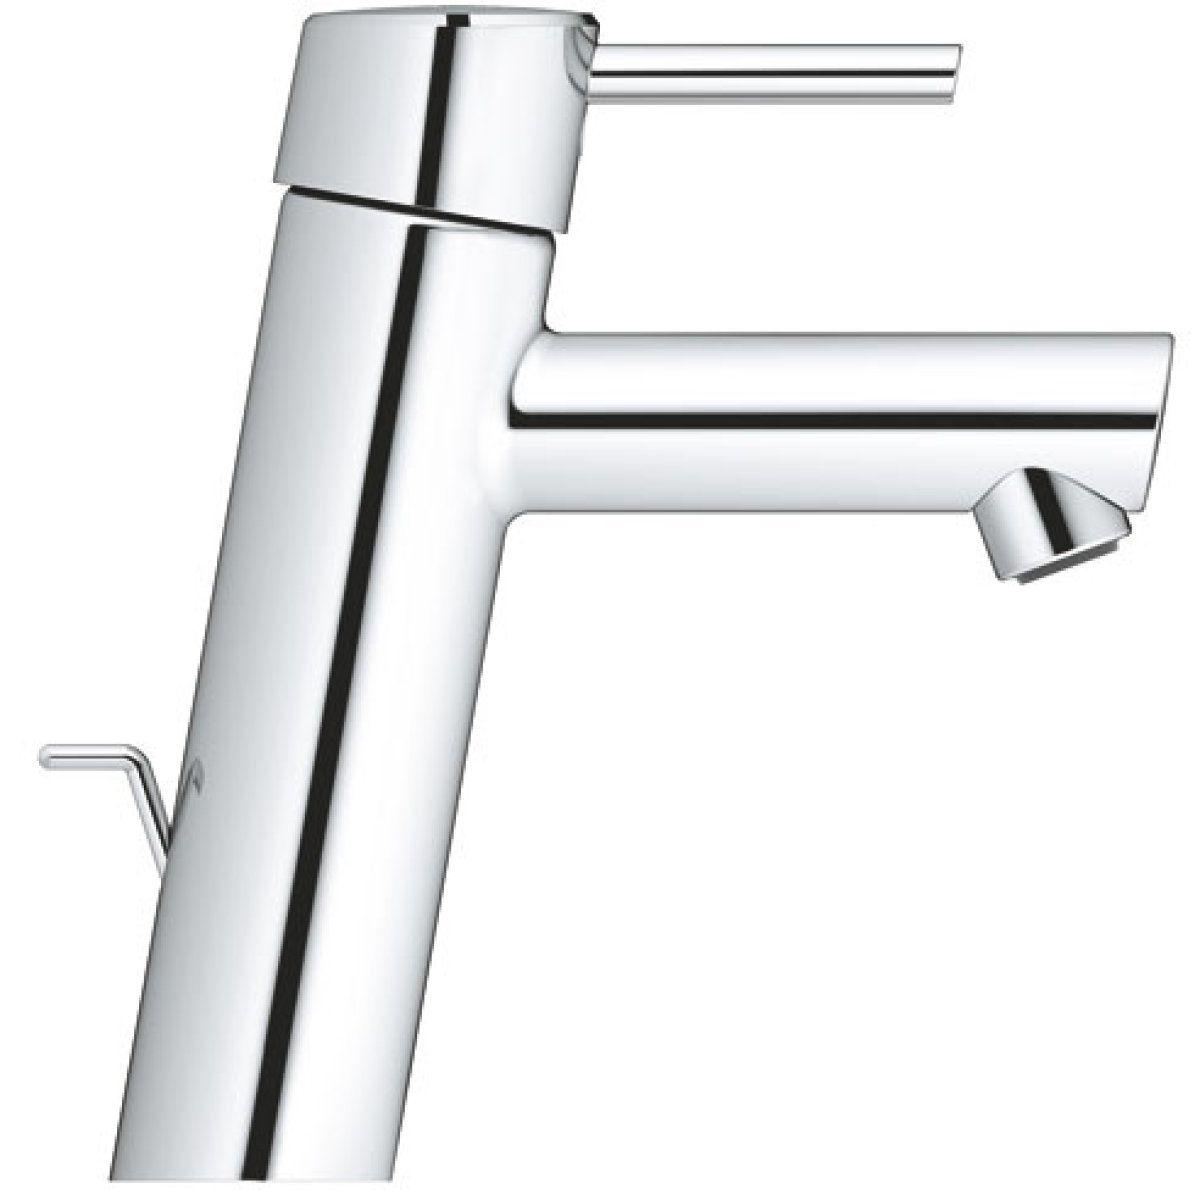 Mitigeur lavabo CONCETTO Bec intermédiaire Mono mande Réf